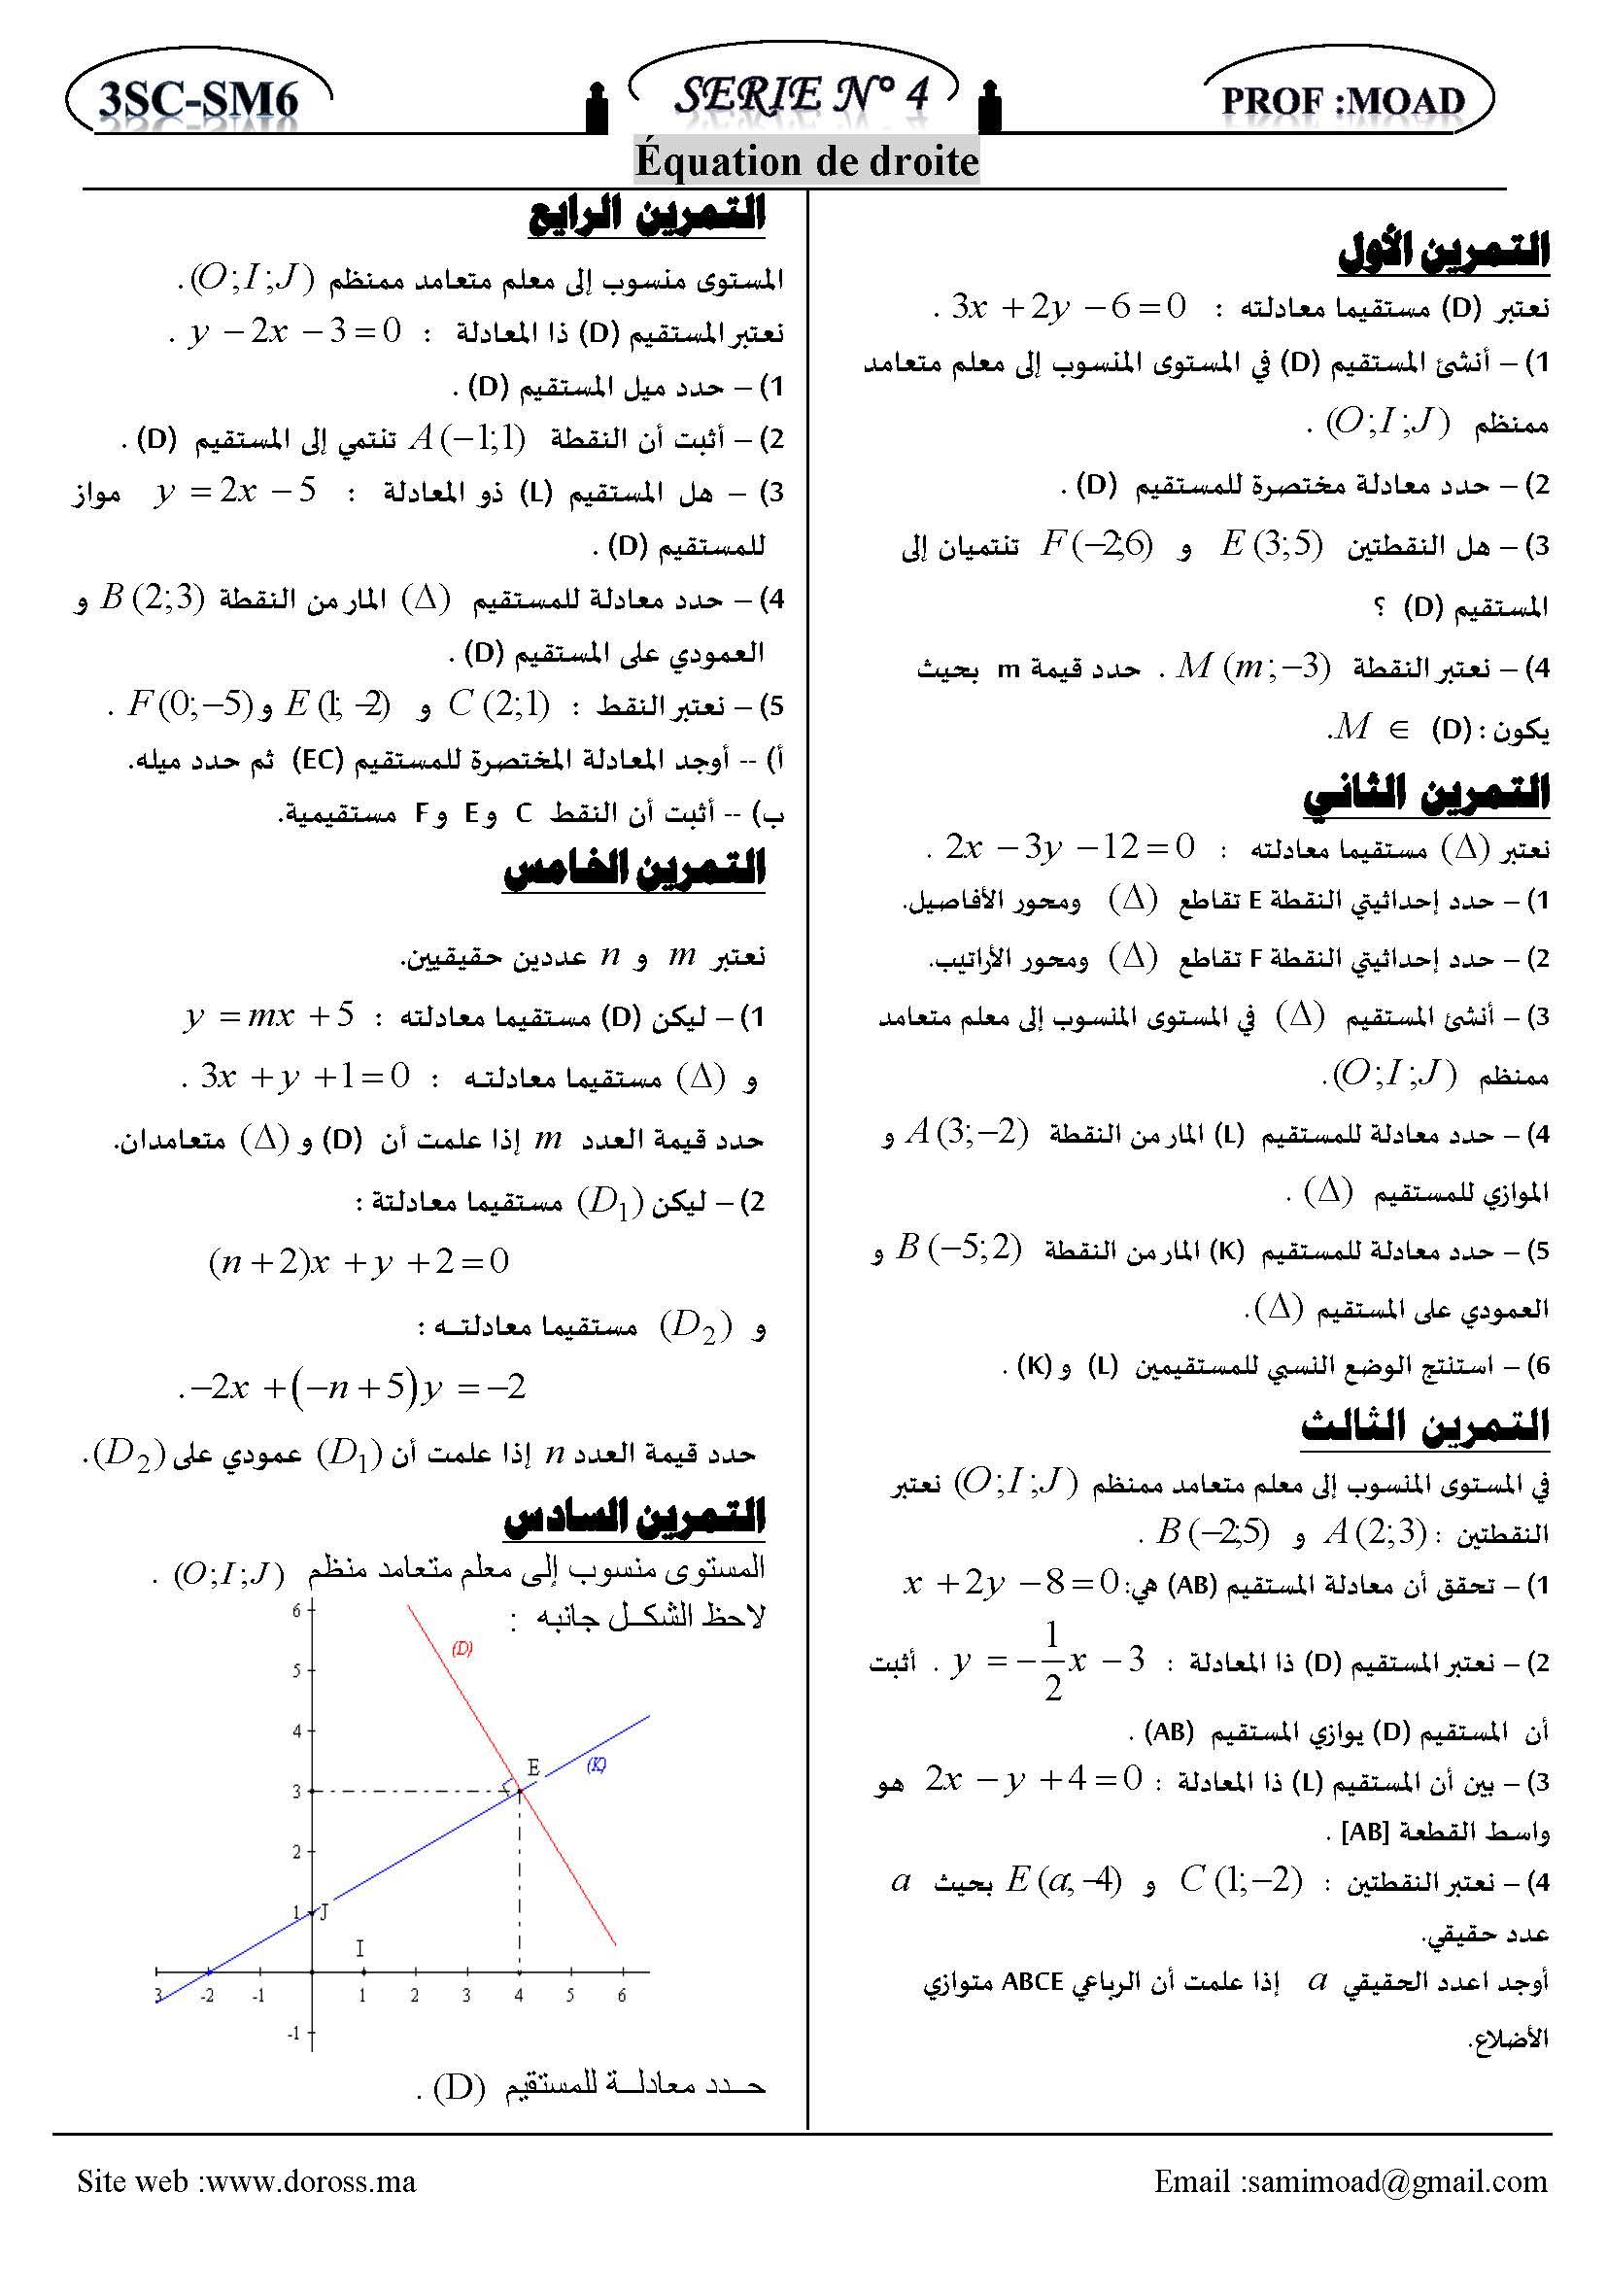 تمارين الرياضيات:معادلة المستقيم | الثالثة إعدادي